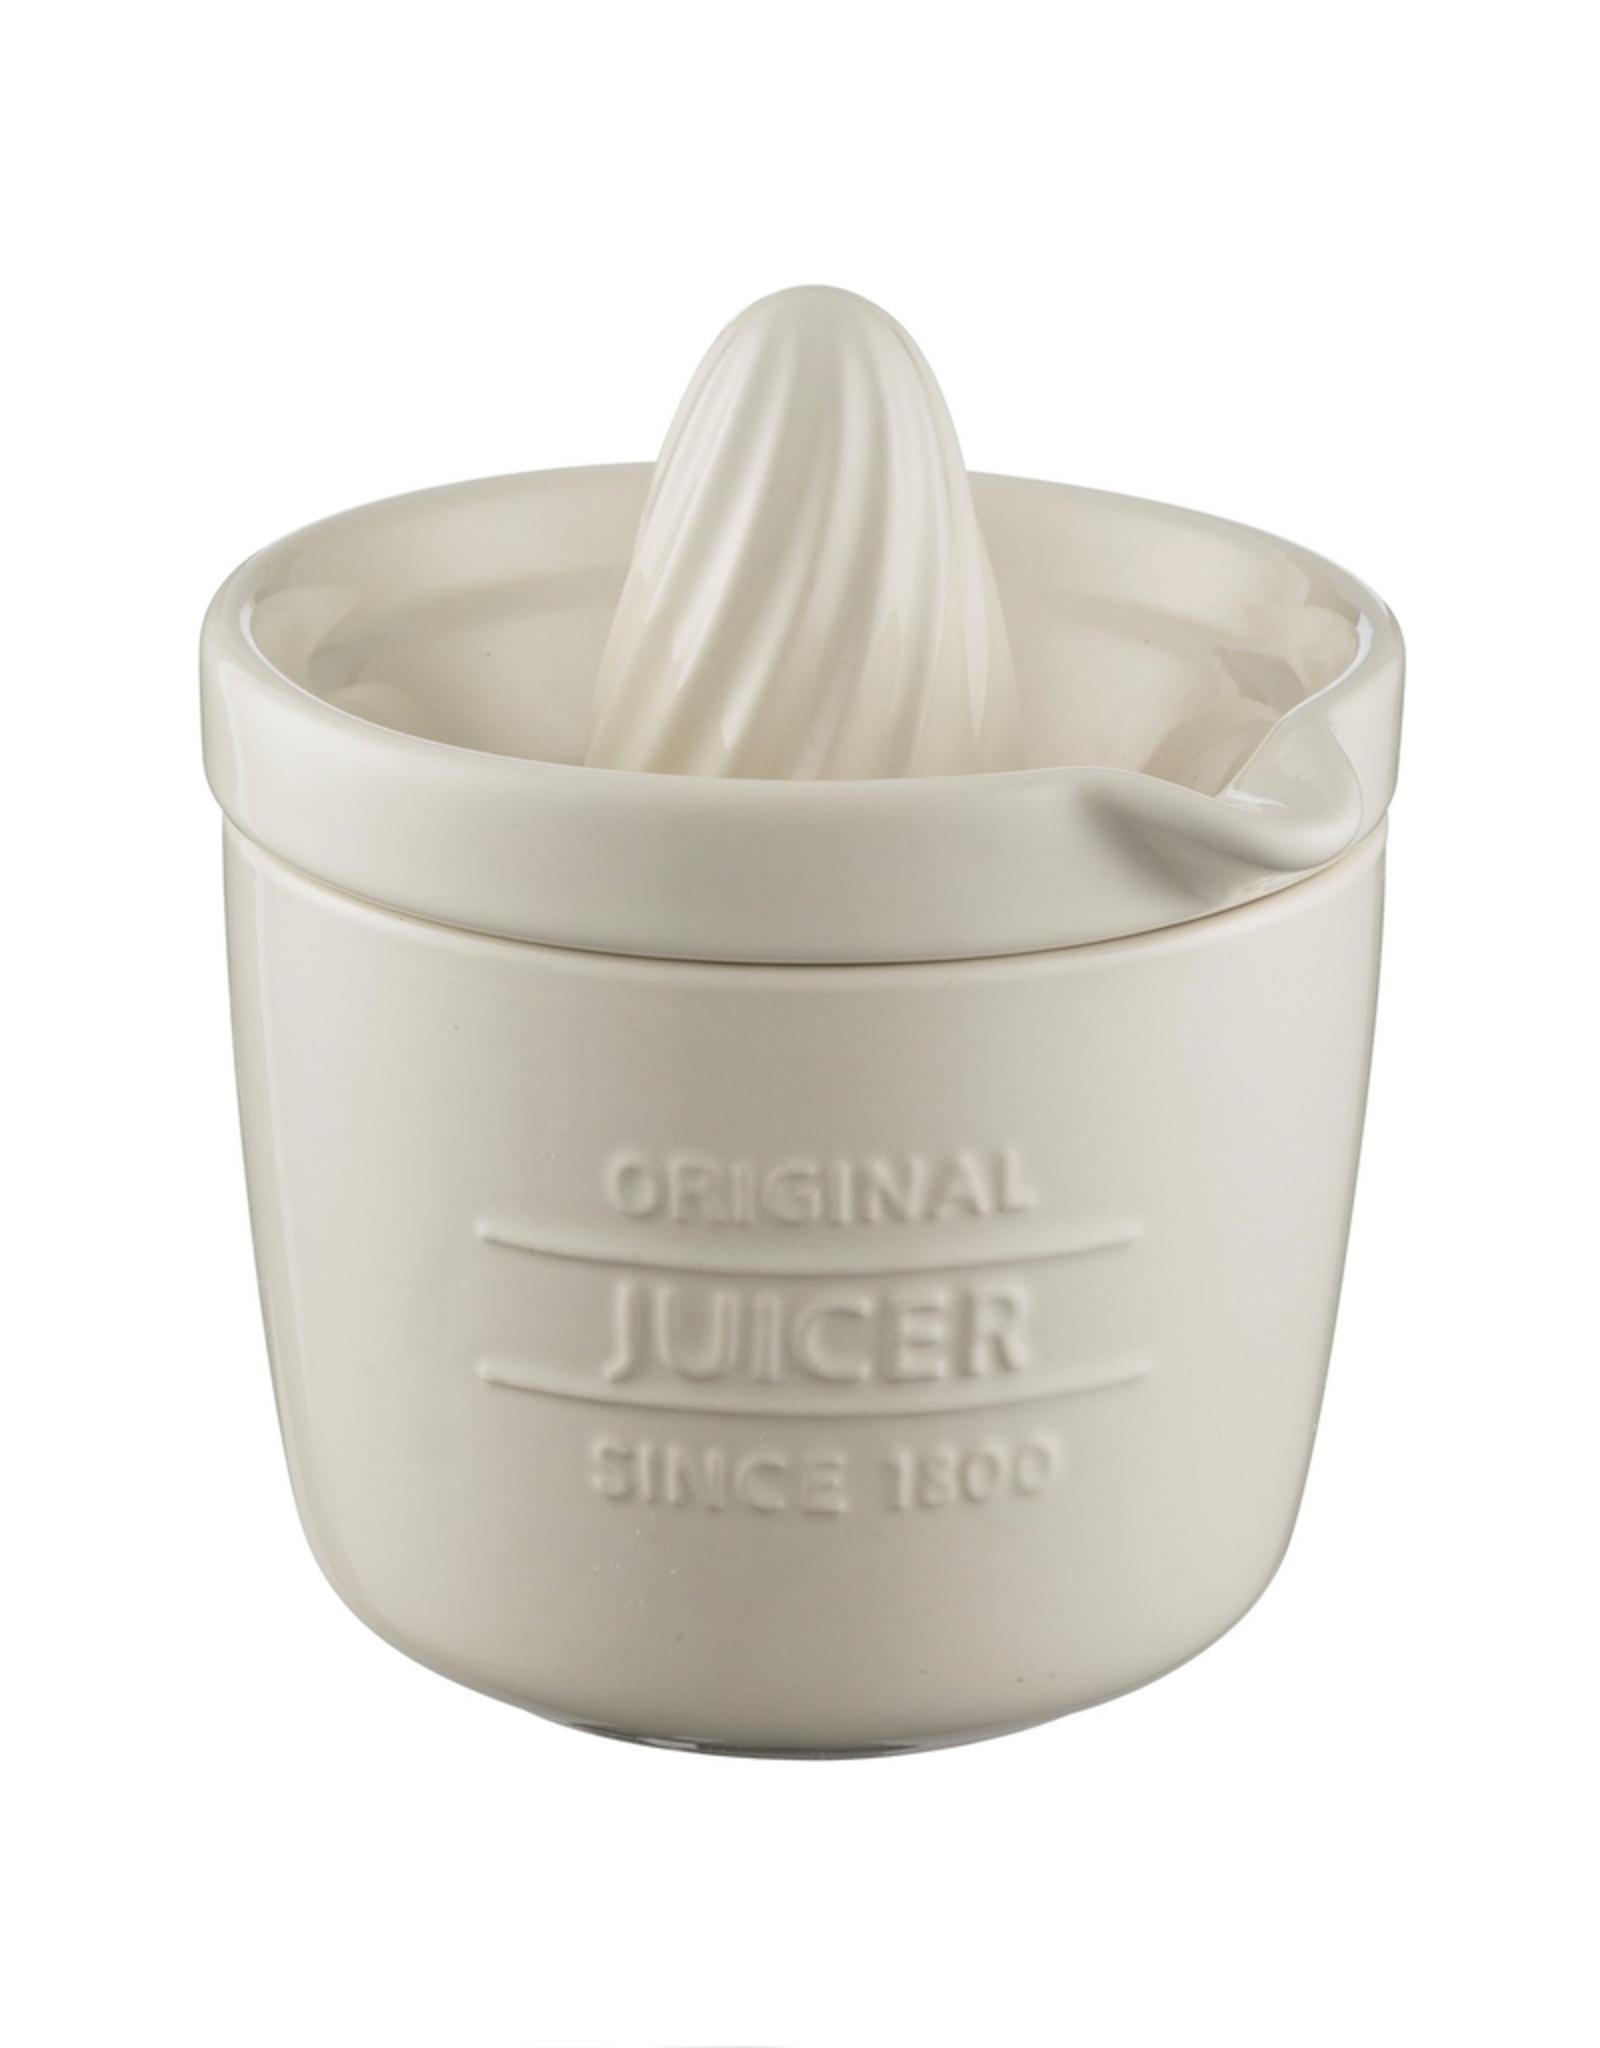 Juicer, Ceramic 17oz